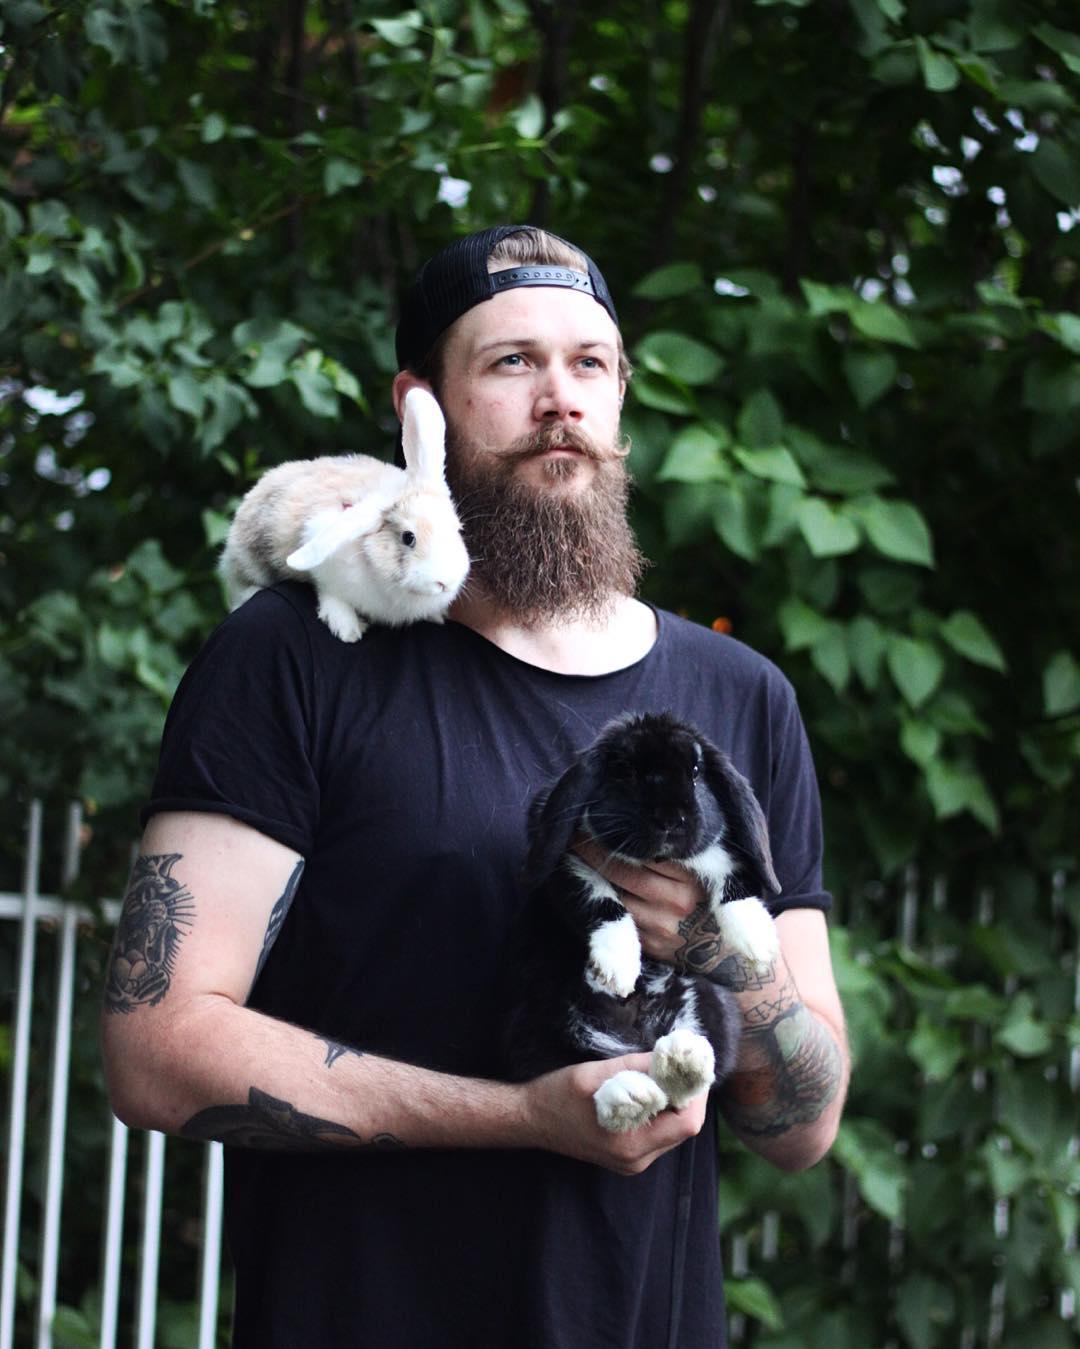 Красивые бородатые мужчины, мимо которых невозможно спокойно пройти